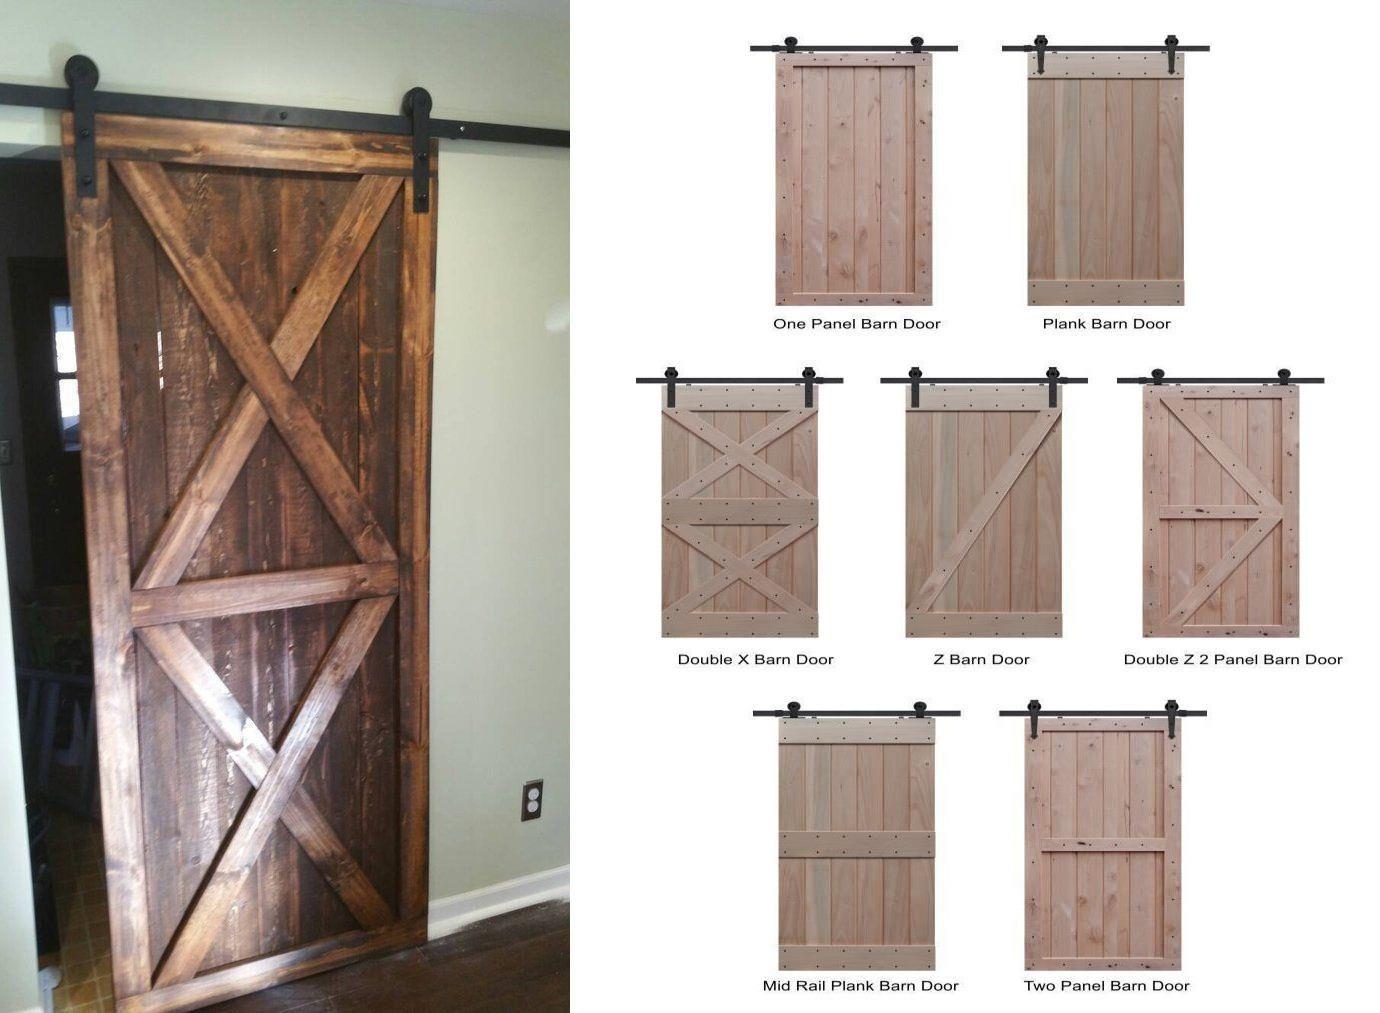 Old Barn Doors Bypass Sliding Doors Indoor Sliding Barn Door Hardware Old Barn Doors Barn Door Interior Barn Doors